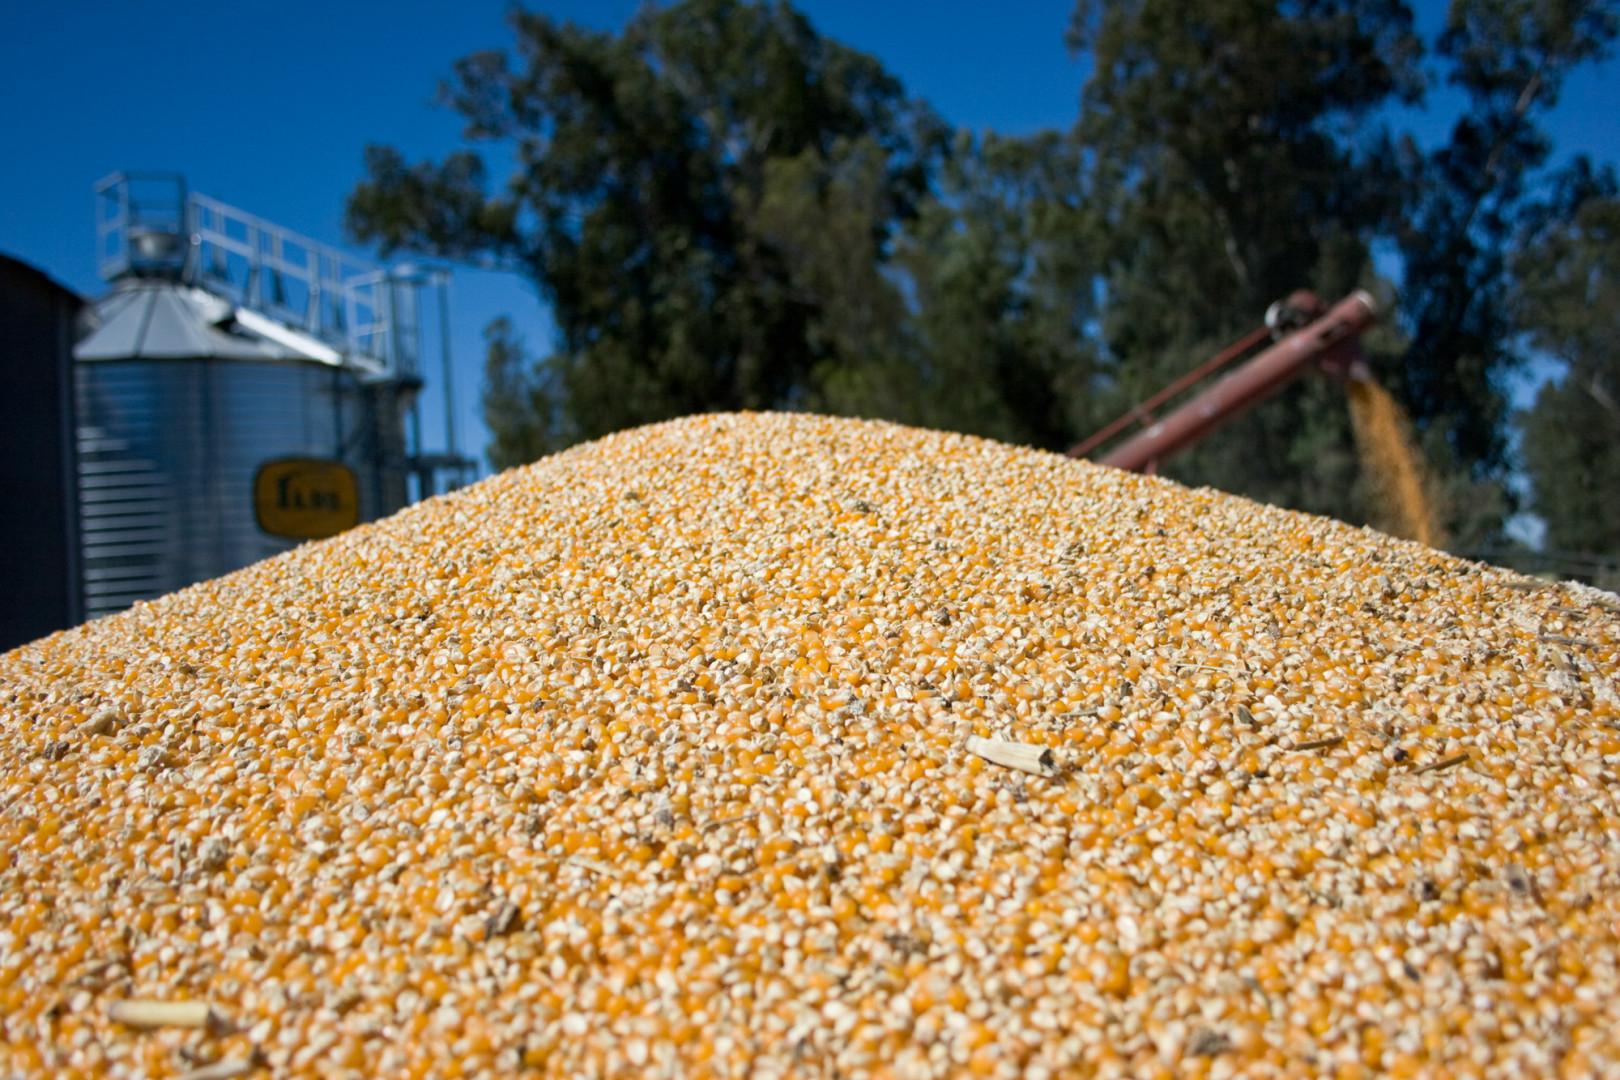 Récord de exportaciones de maíz: 24,9 millones de toneladas entre enero y agosto